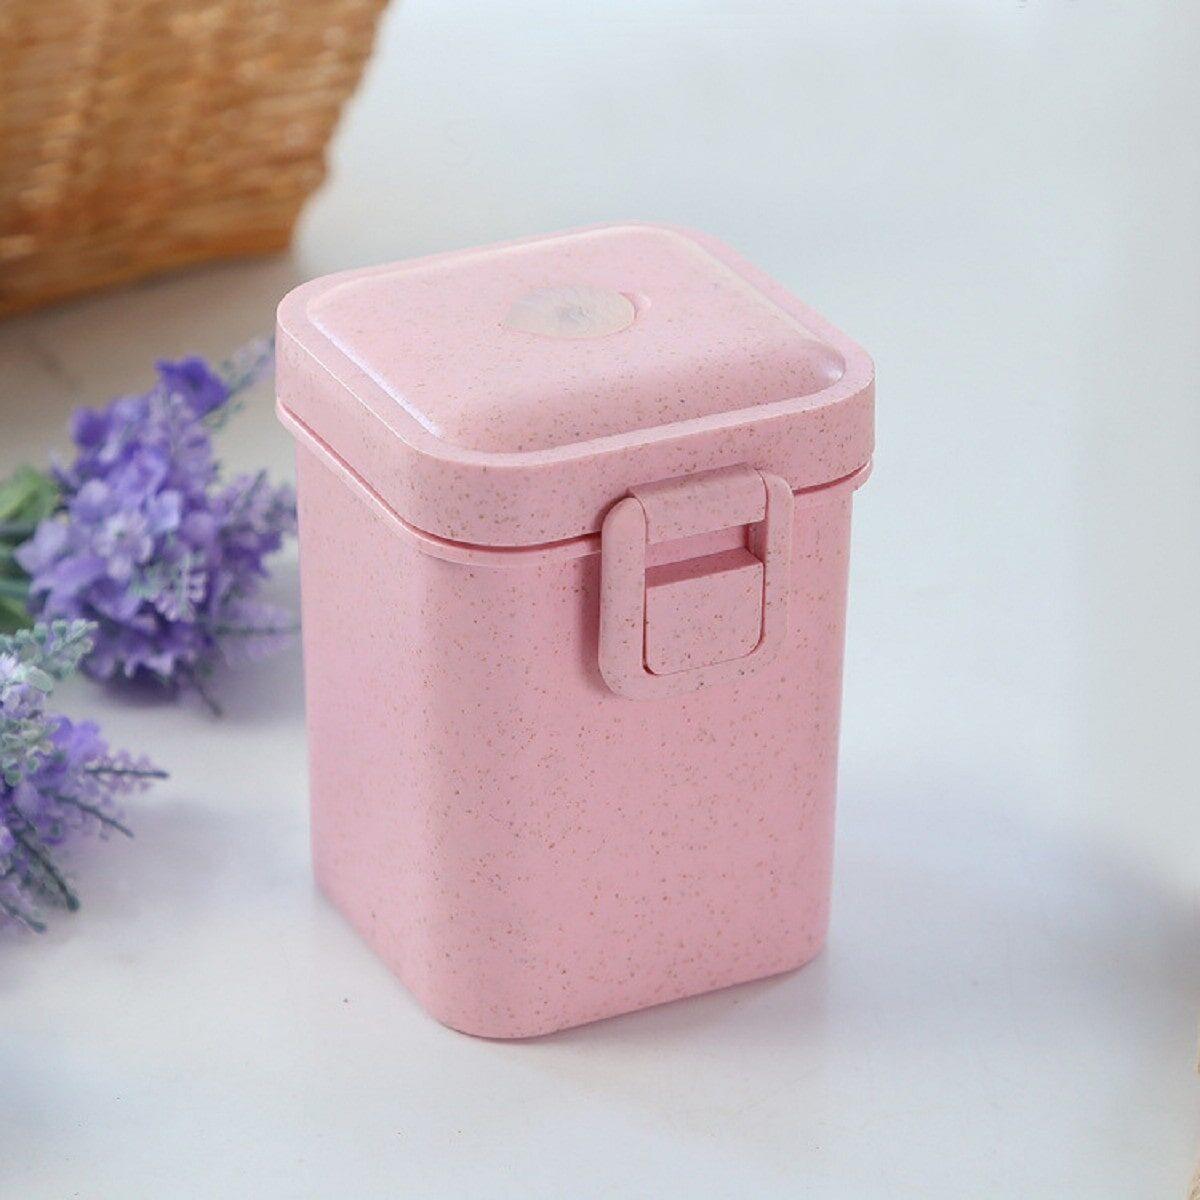 Ланчбокс-стакан eco з ущільнювачем 600 мл, рожевий